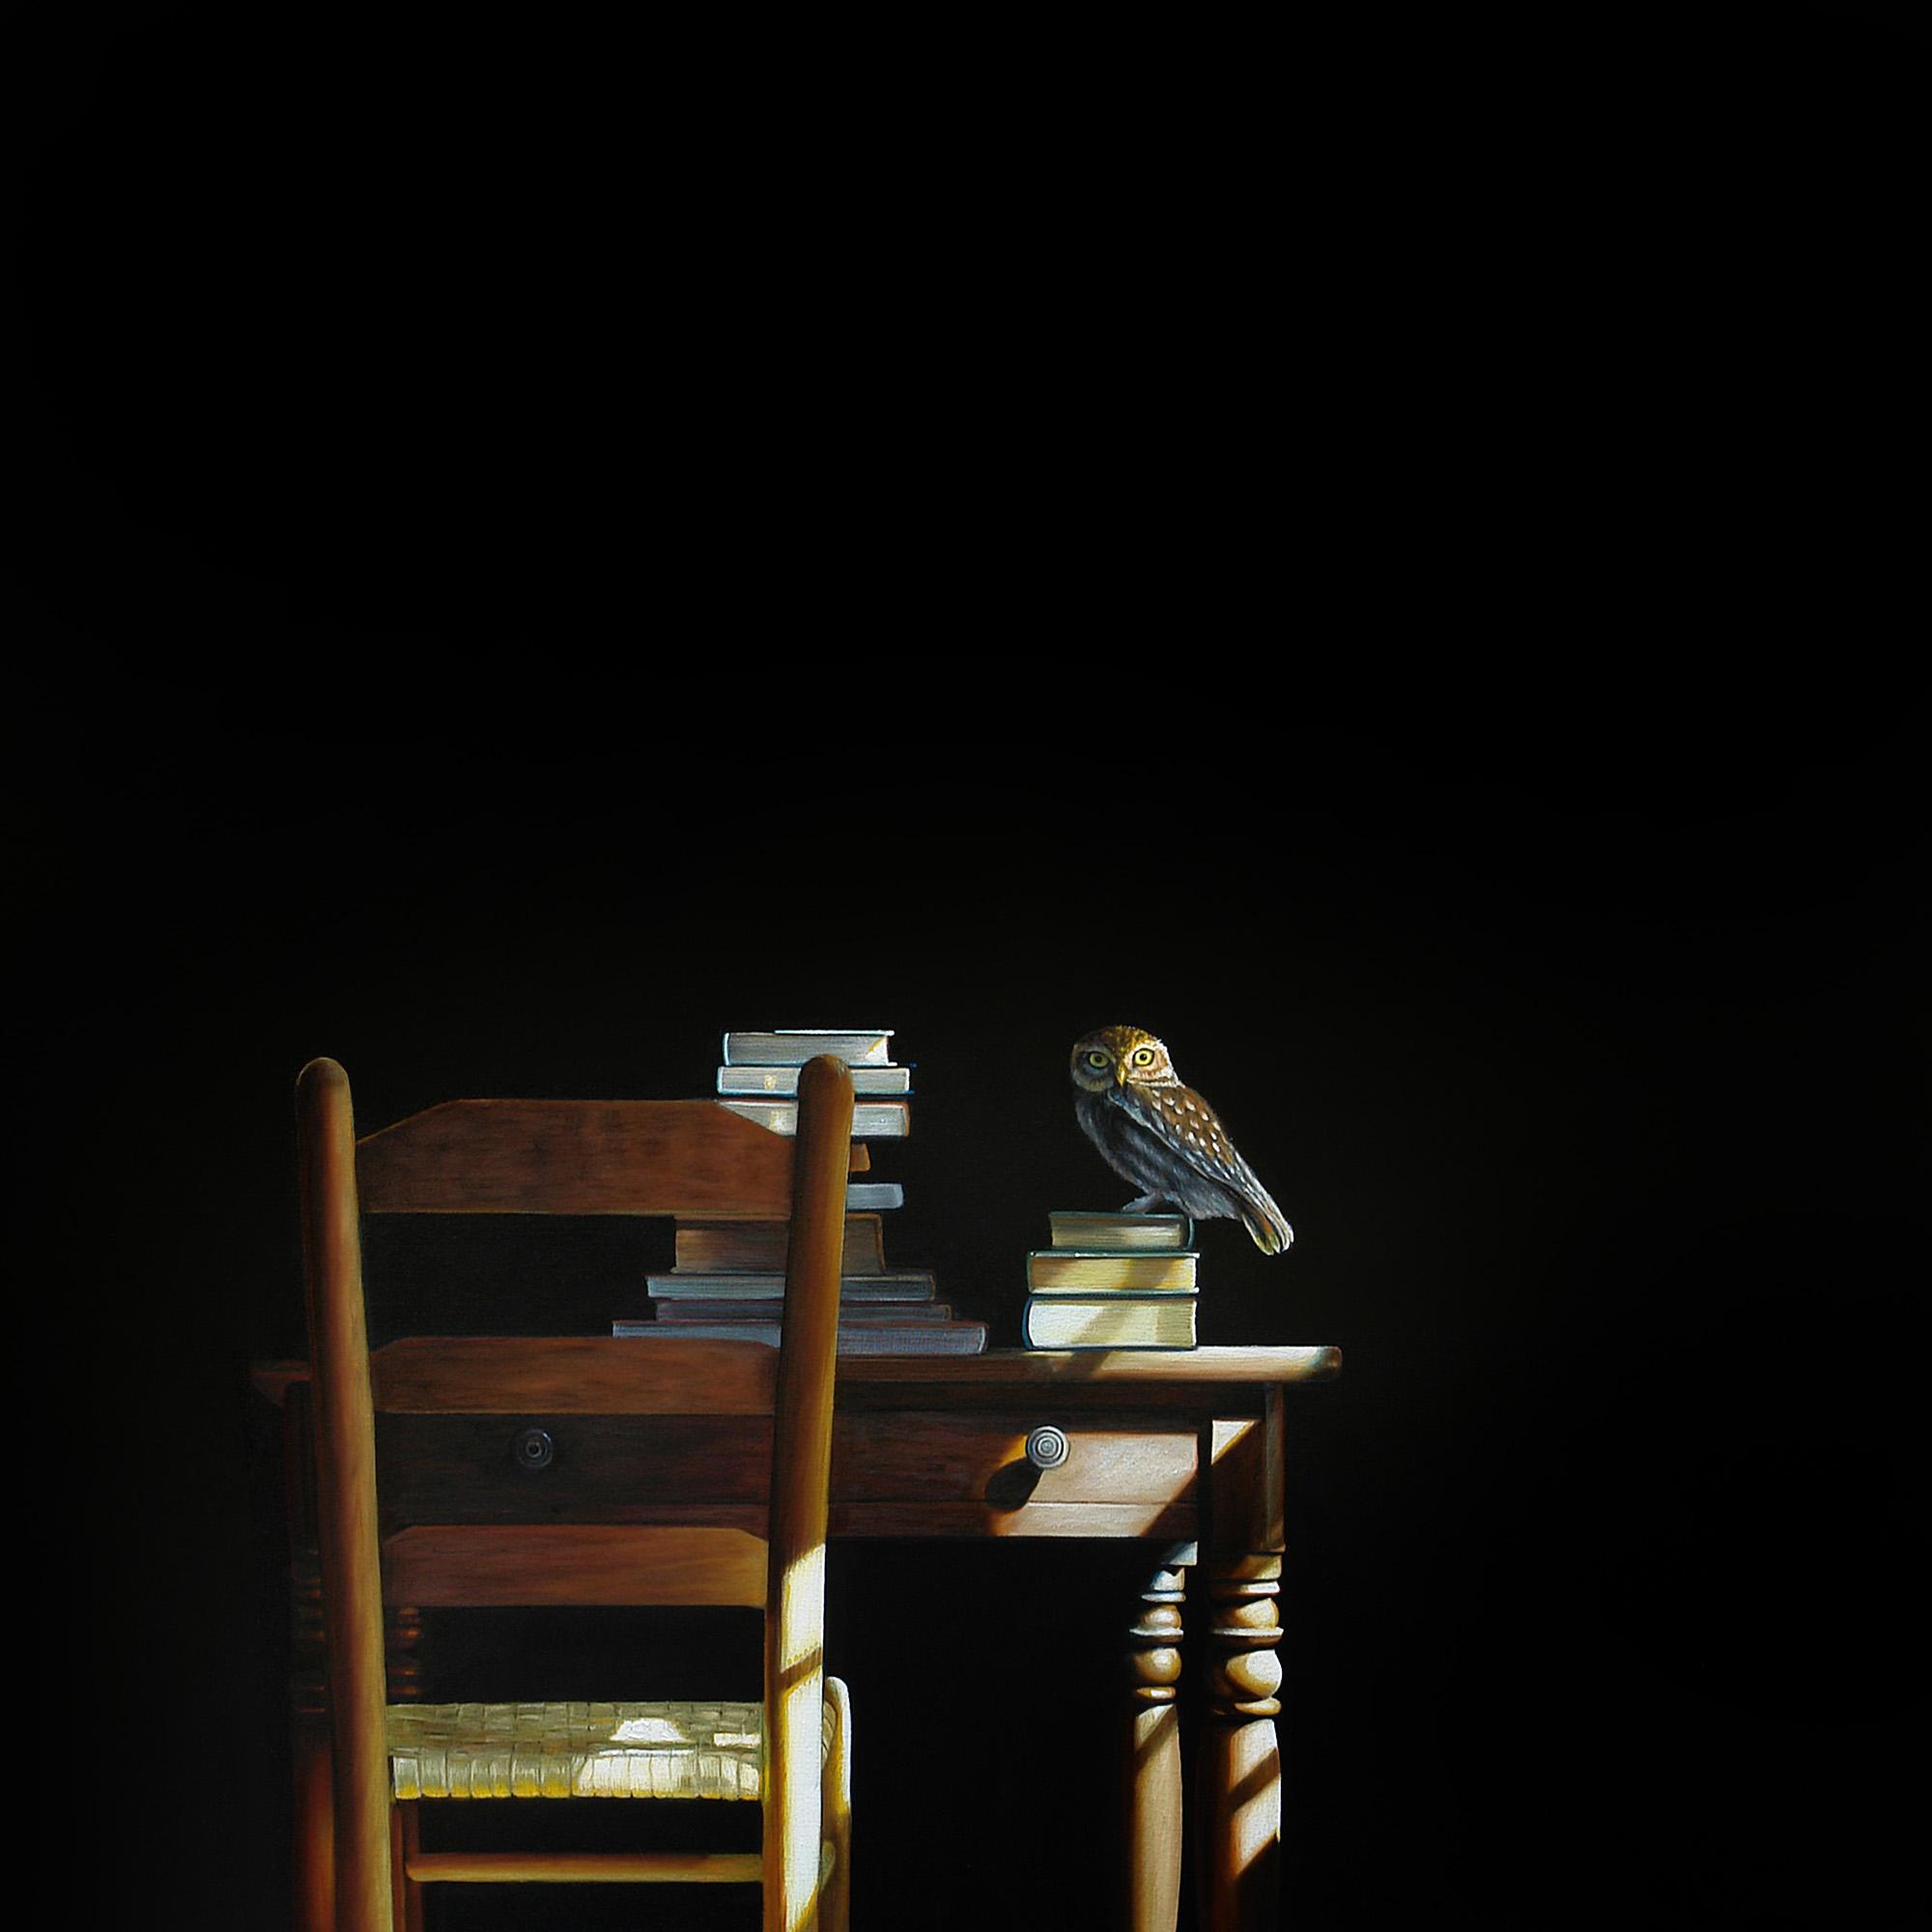 Night Owl | 36 x 36 | Oil on canvas